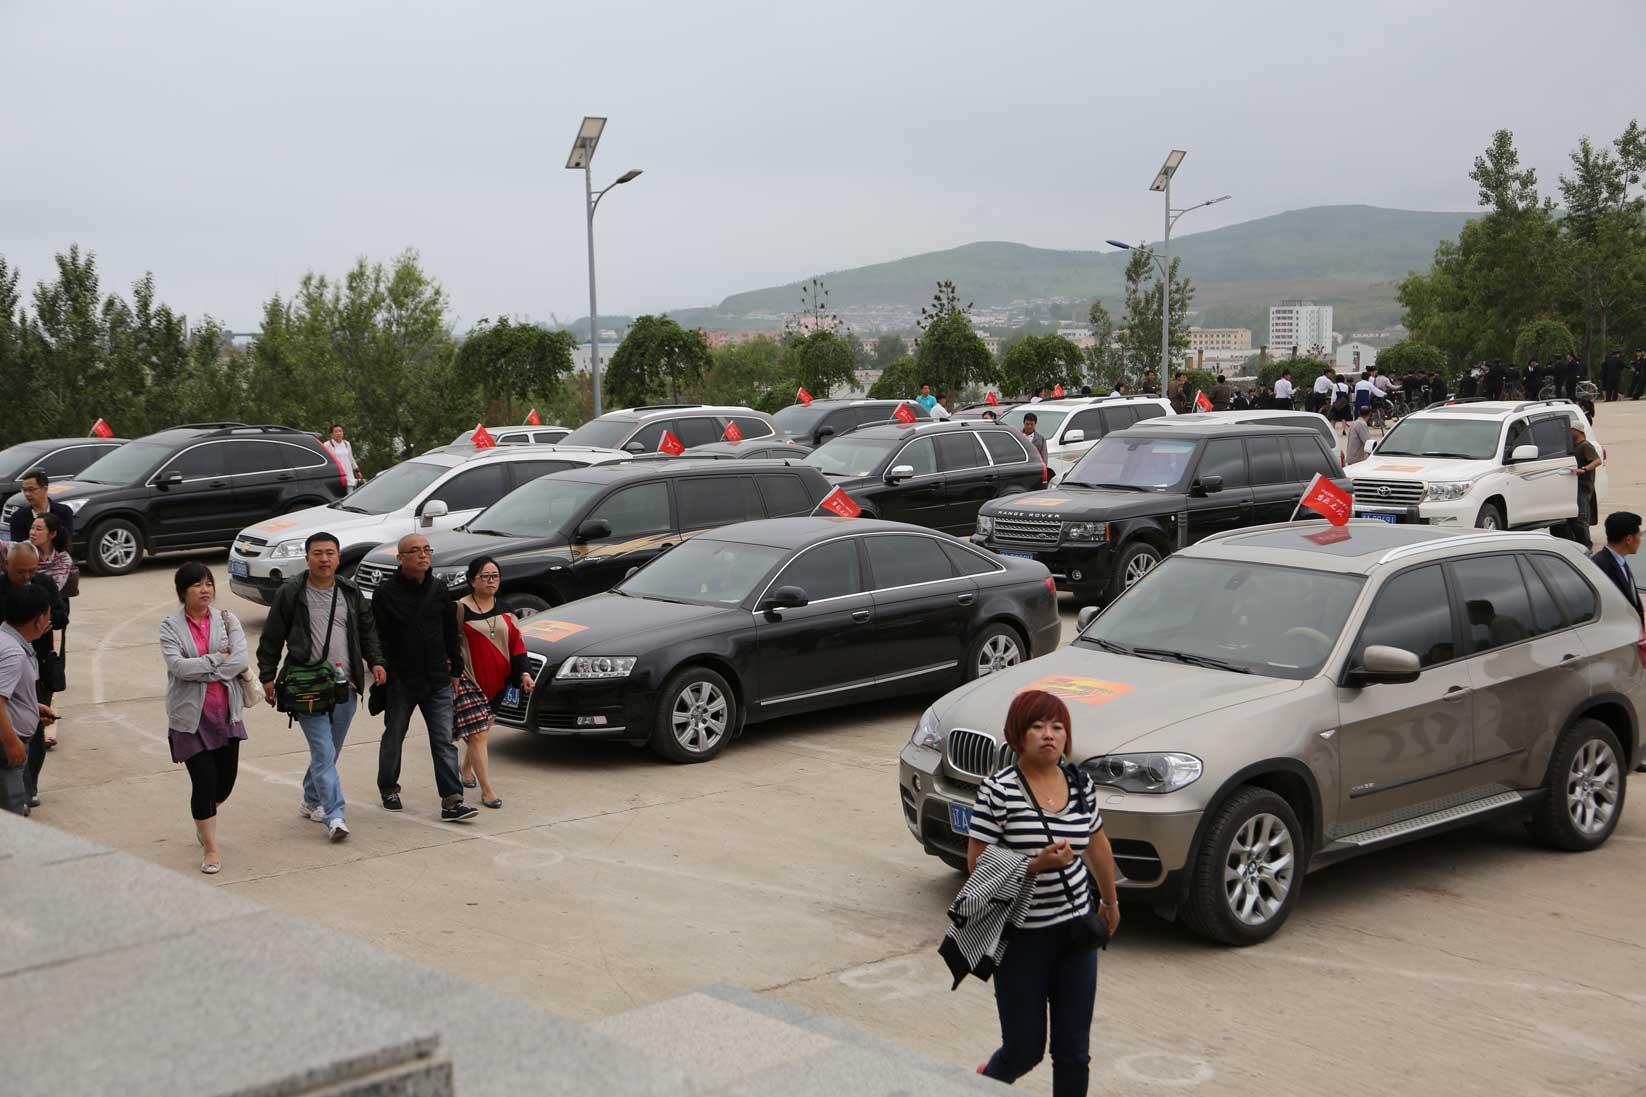 羅先(北朝鮮)で見かけた中国人観光客たち_b0235153_16241747.jpg